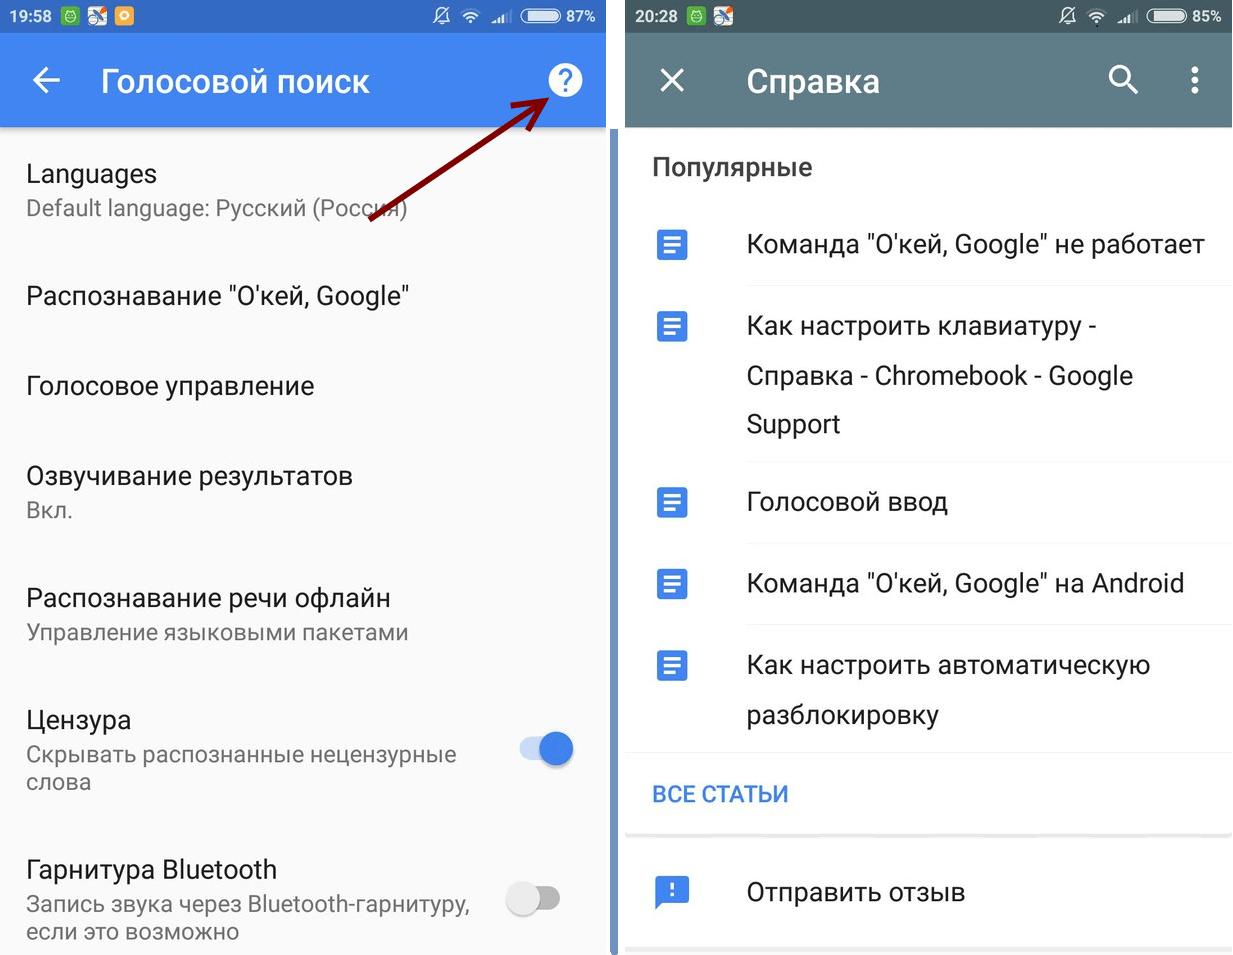 Как в google сделать голосовой поиск